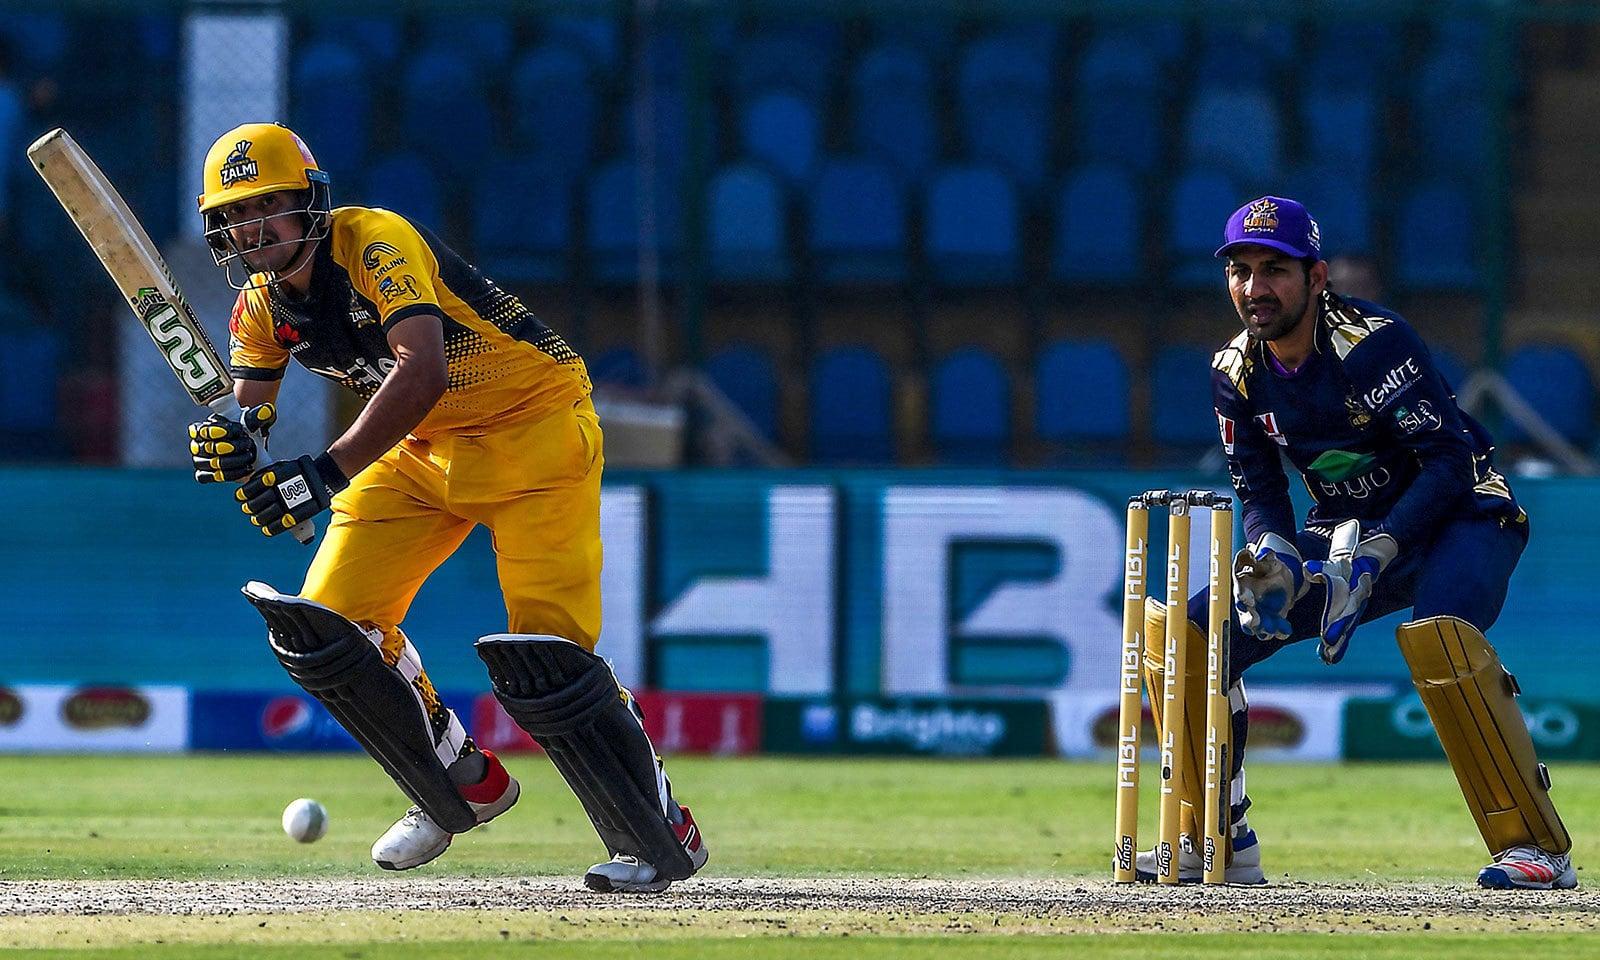 پشاور زلمی نے کوئٹہ گلیڈی ایٹرز کو 6 وکٹوں سے شکست دے دی—فوٹو:اے ایف پی